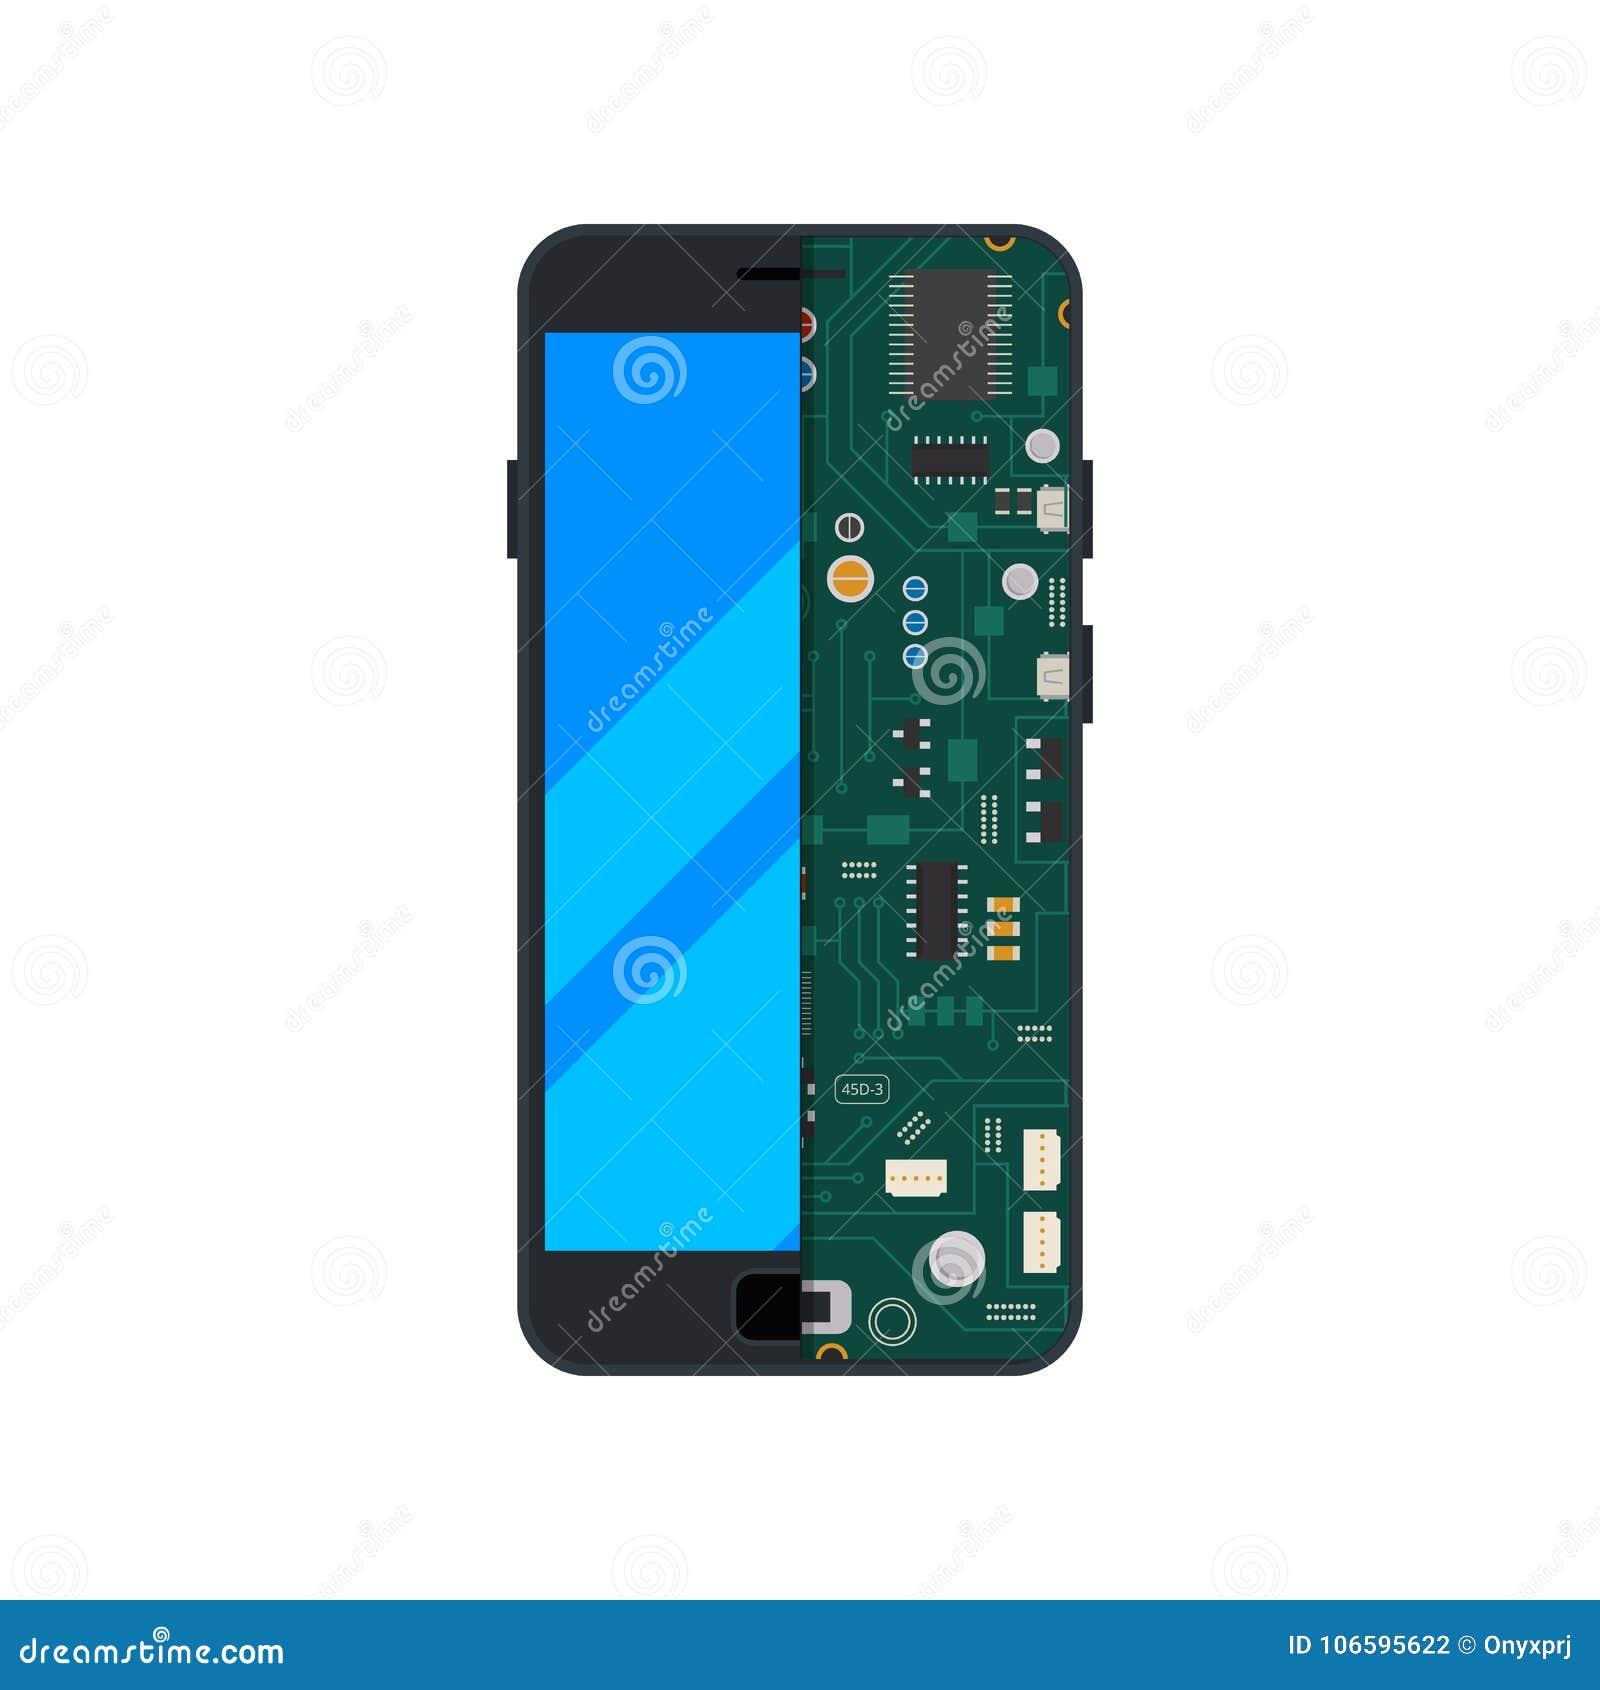 Illustrazione del circuito elettronico del telefono cellulare o dello smartphone